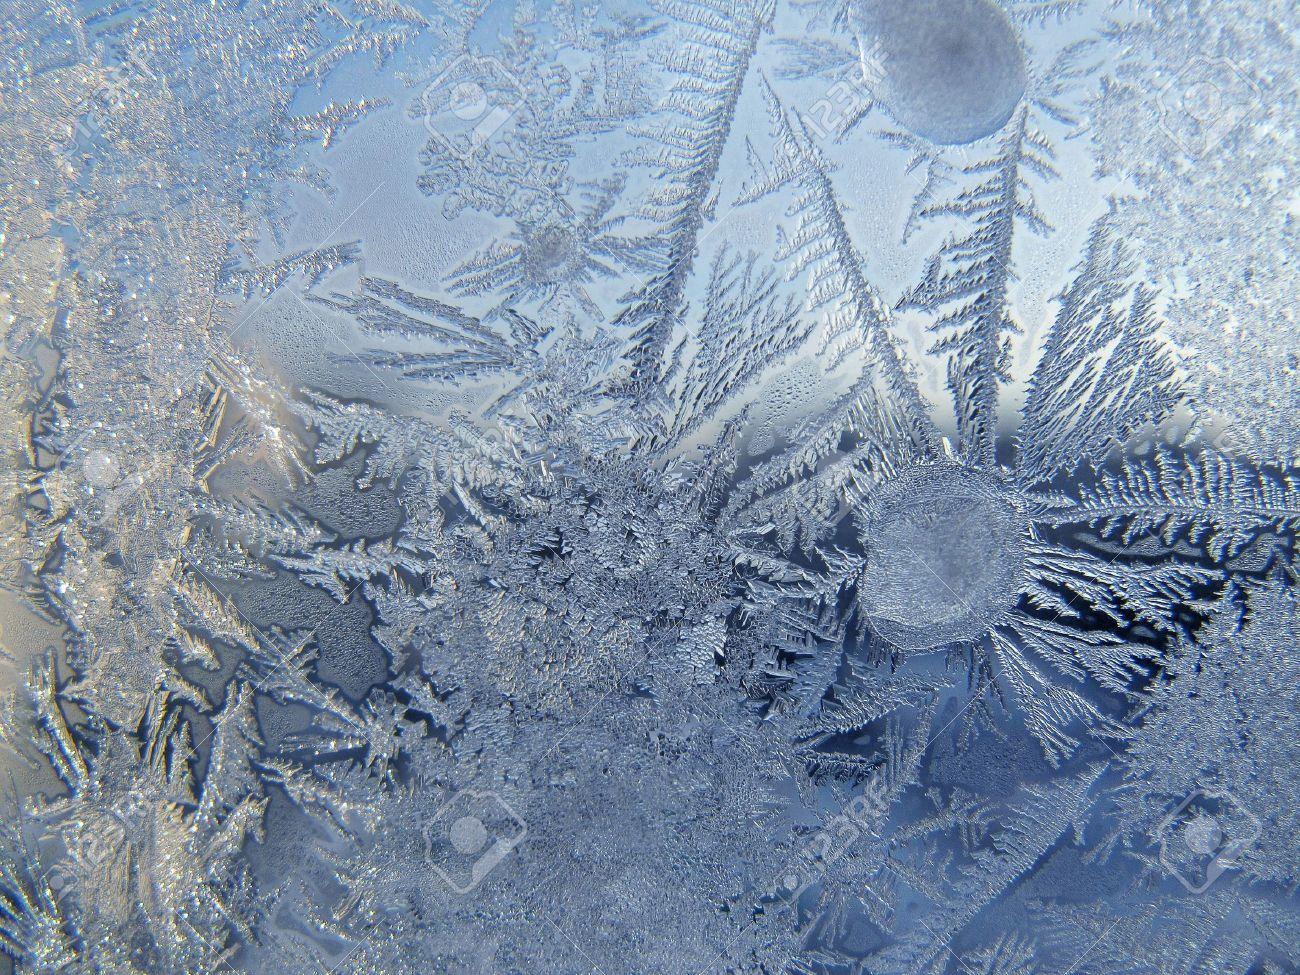 Frosty pattern on winter window - 14631519